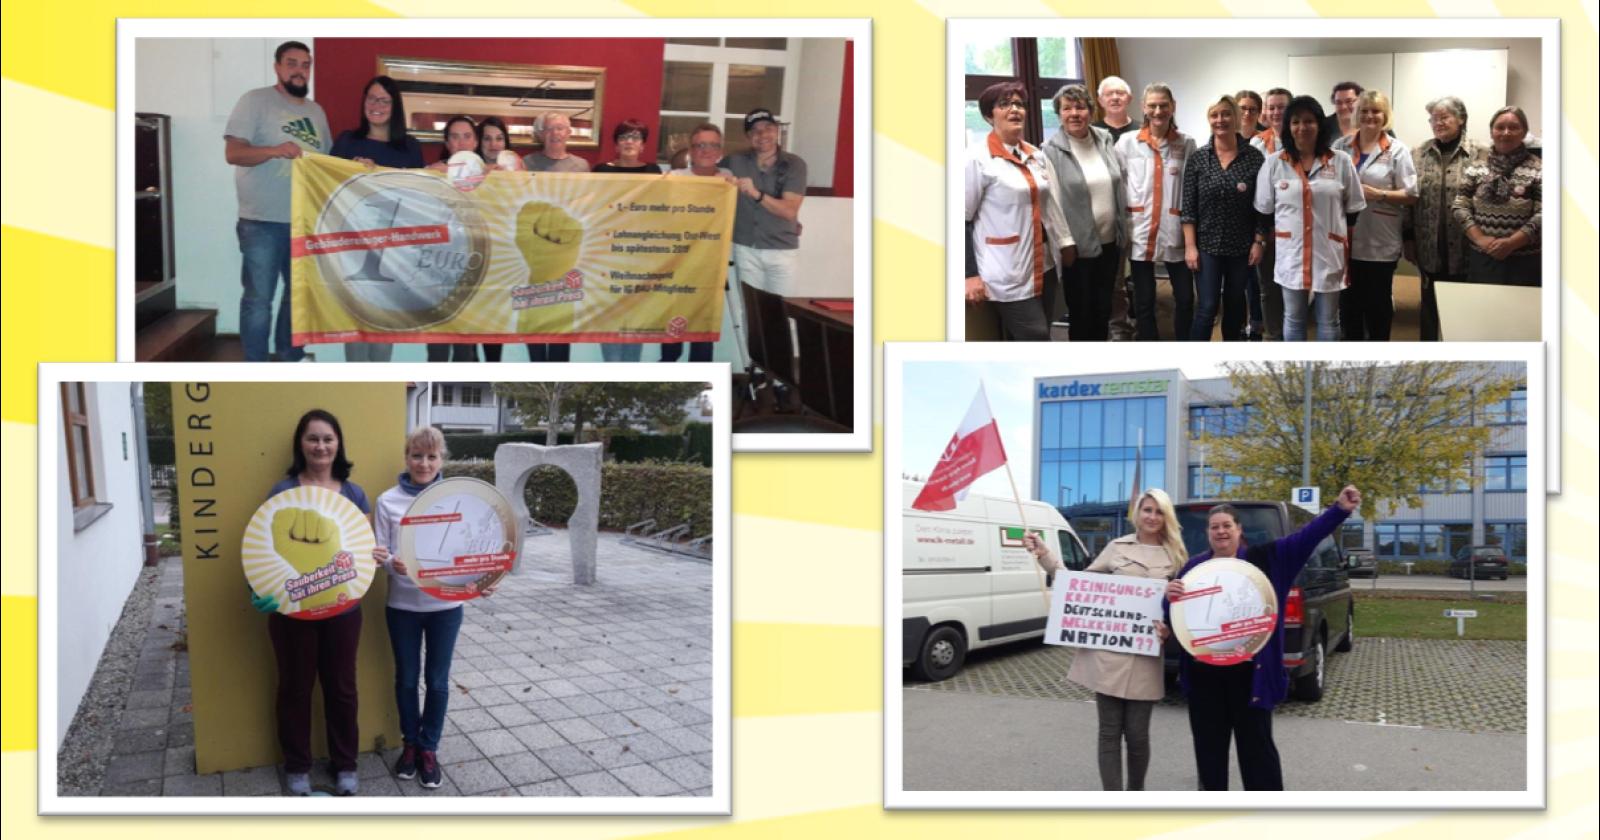 Kolleginnen & Kollegen aus Bayern fordern anständigen und einheitlichen Lohn in der Gebäudereinigung